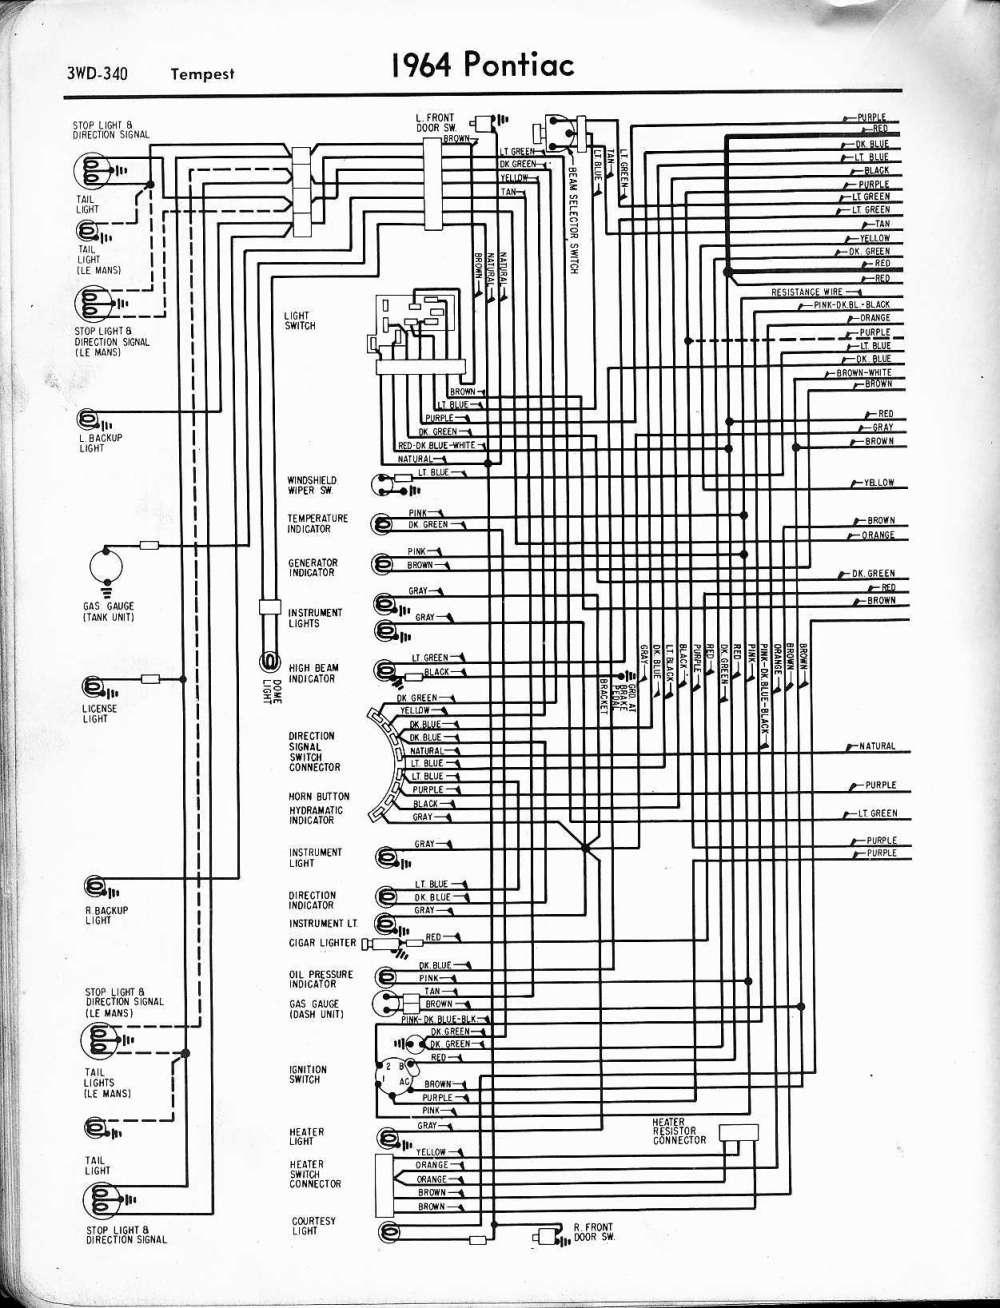 [FPER_4992]  1954 Jaguar Wiring Diagram - 2001 Ford Ranger Fuse Box Legend for Wiring  Diagram Schematics | 1954 Jaguar Wiring Diagram |  | Wiring Diagram Schematics